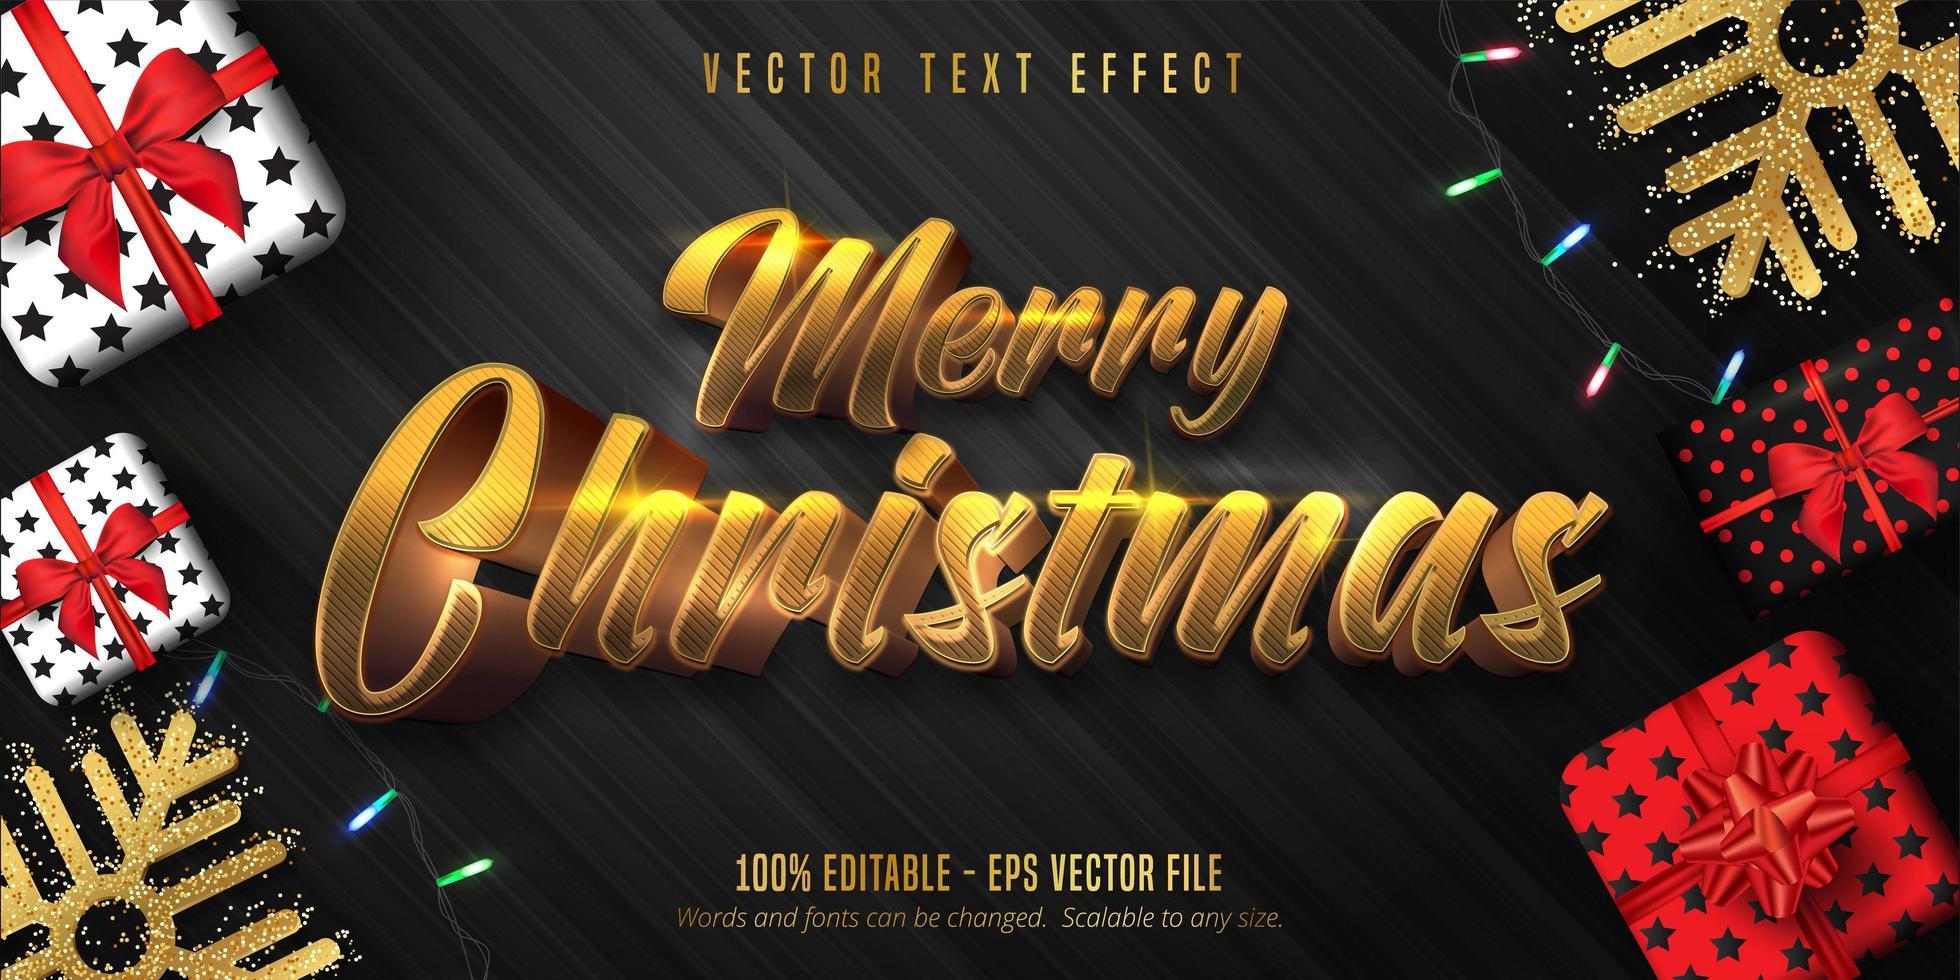 vrolijk kerstfeest glanzende gouden tekst poster vector